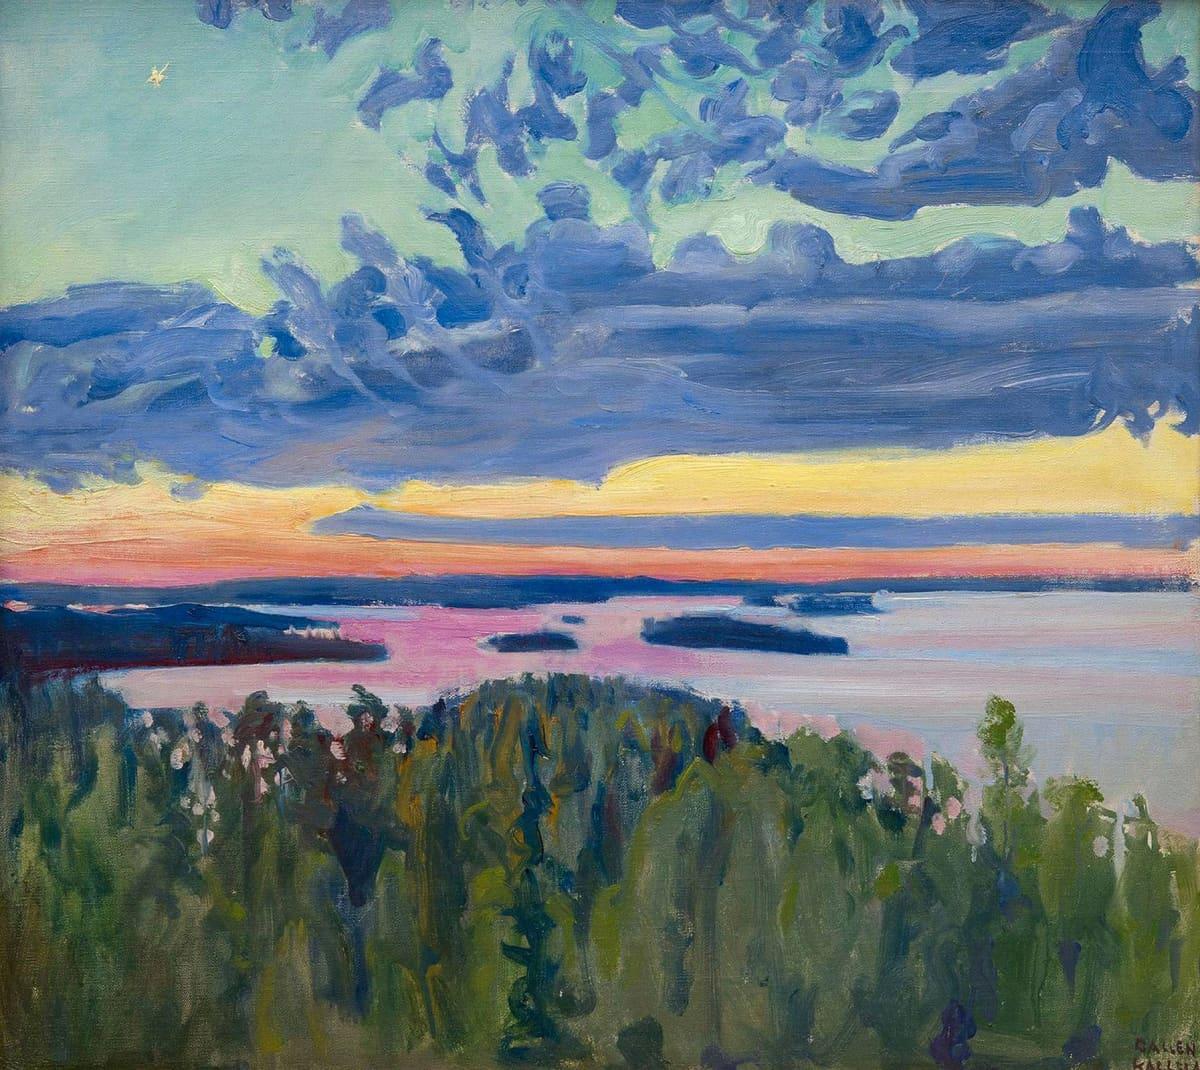 Akseli Gallen-Kallelan maalaus Järvimaisema auringonlaskun aikaan.